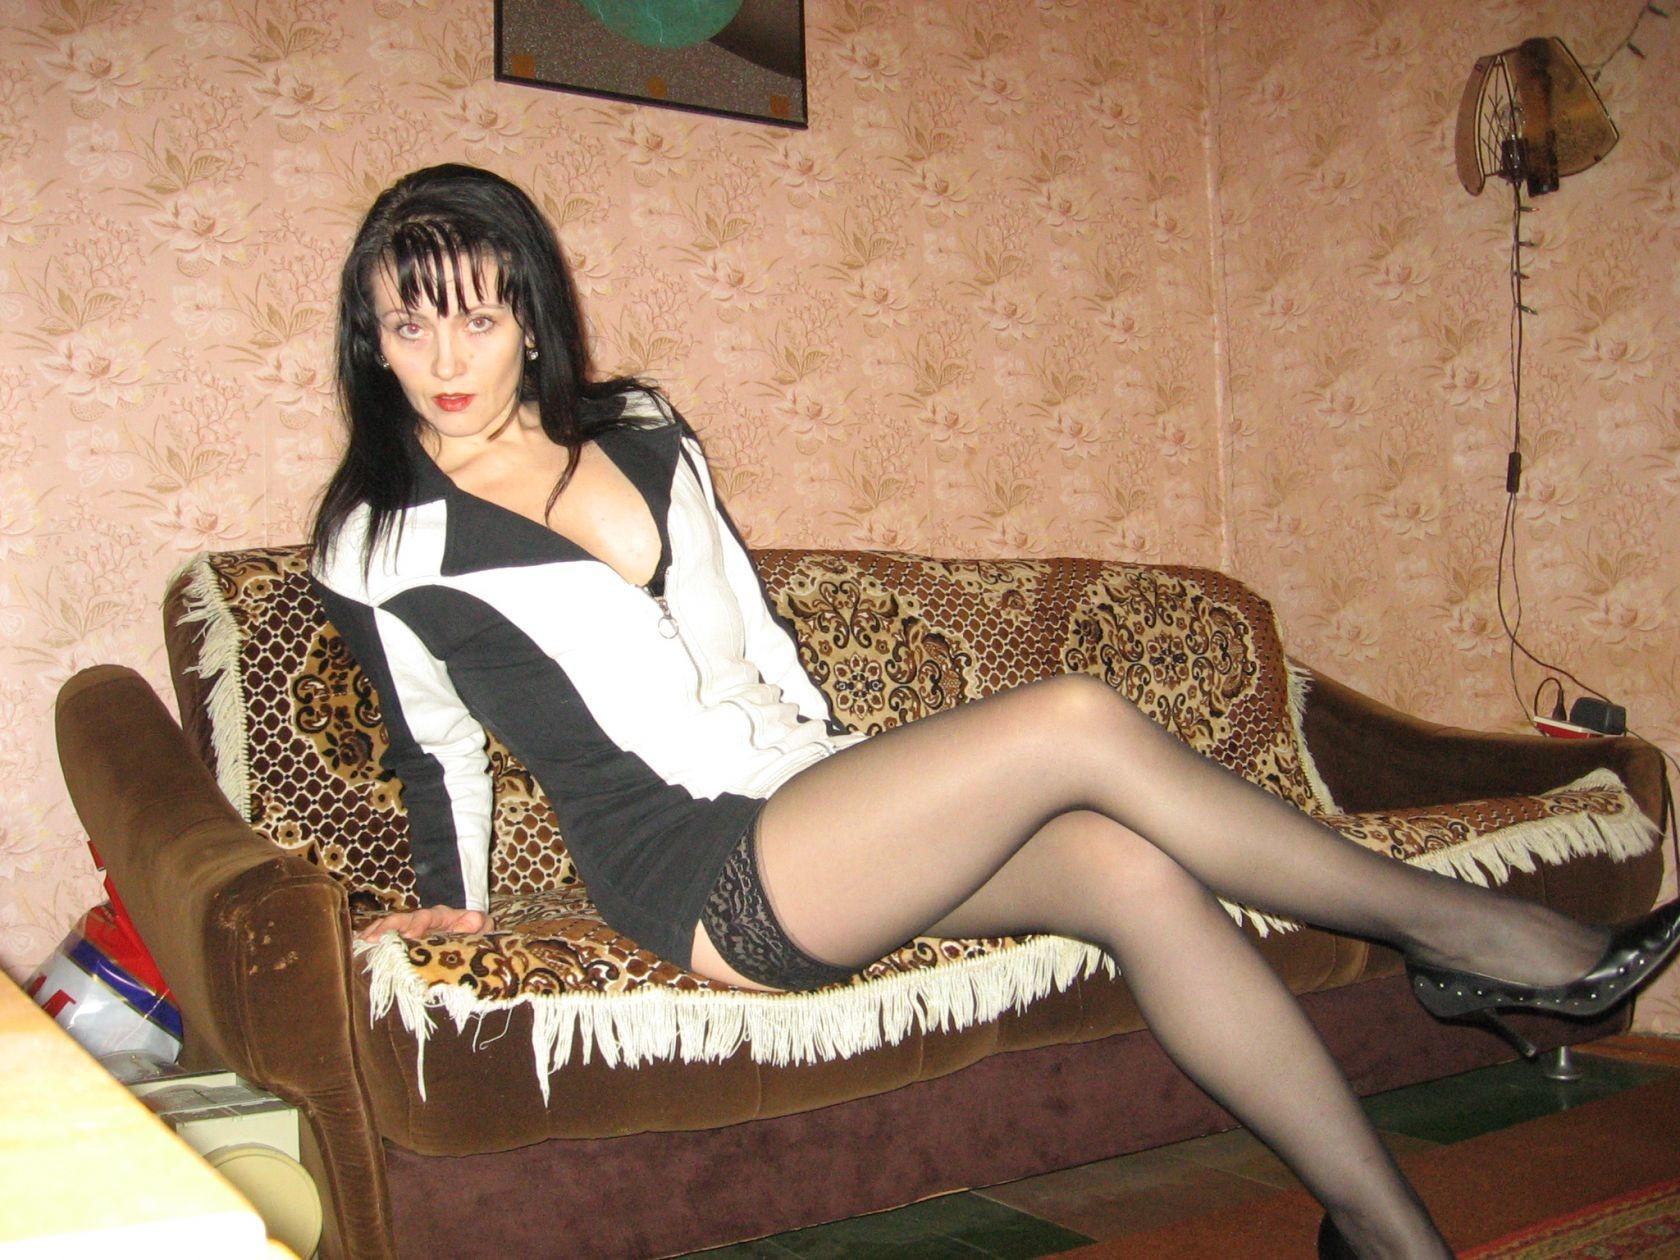 Девушка очень любит примерять на себя сексуальные наряды, но в итоге все равно остается обнаженной